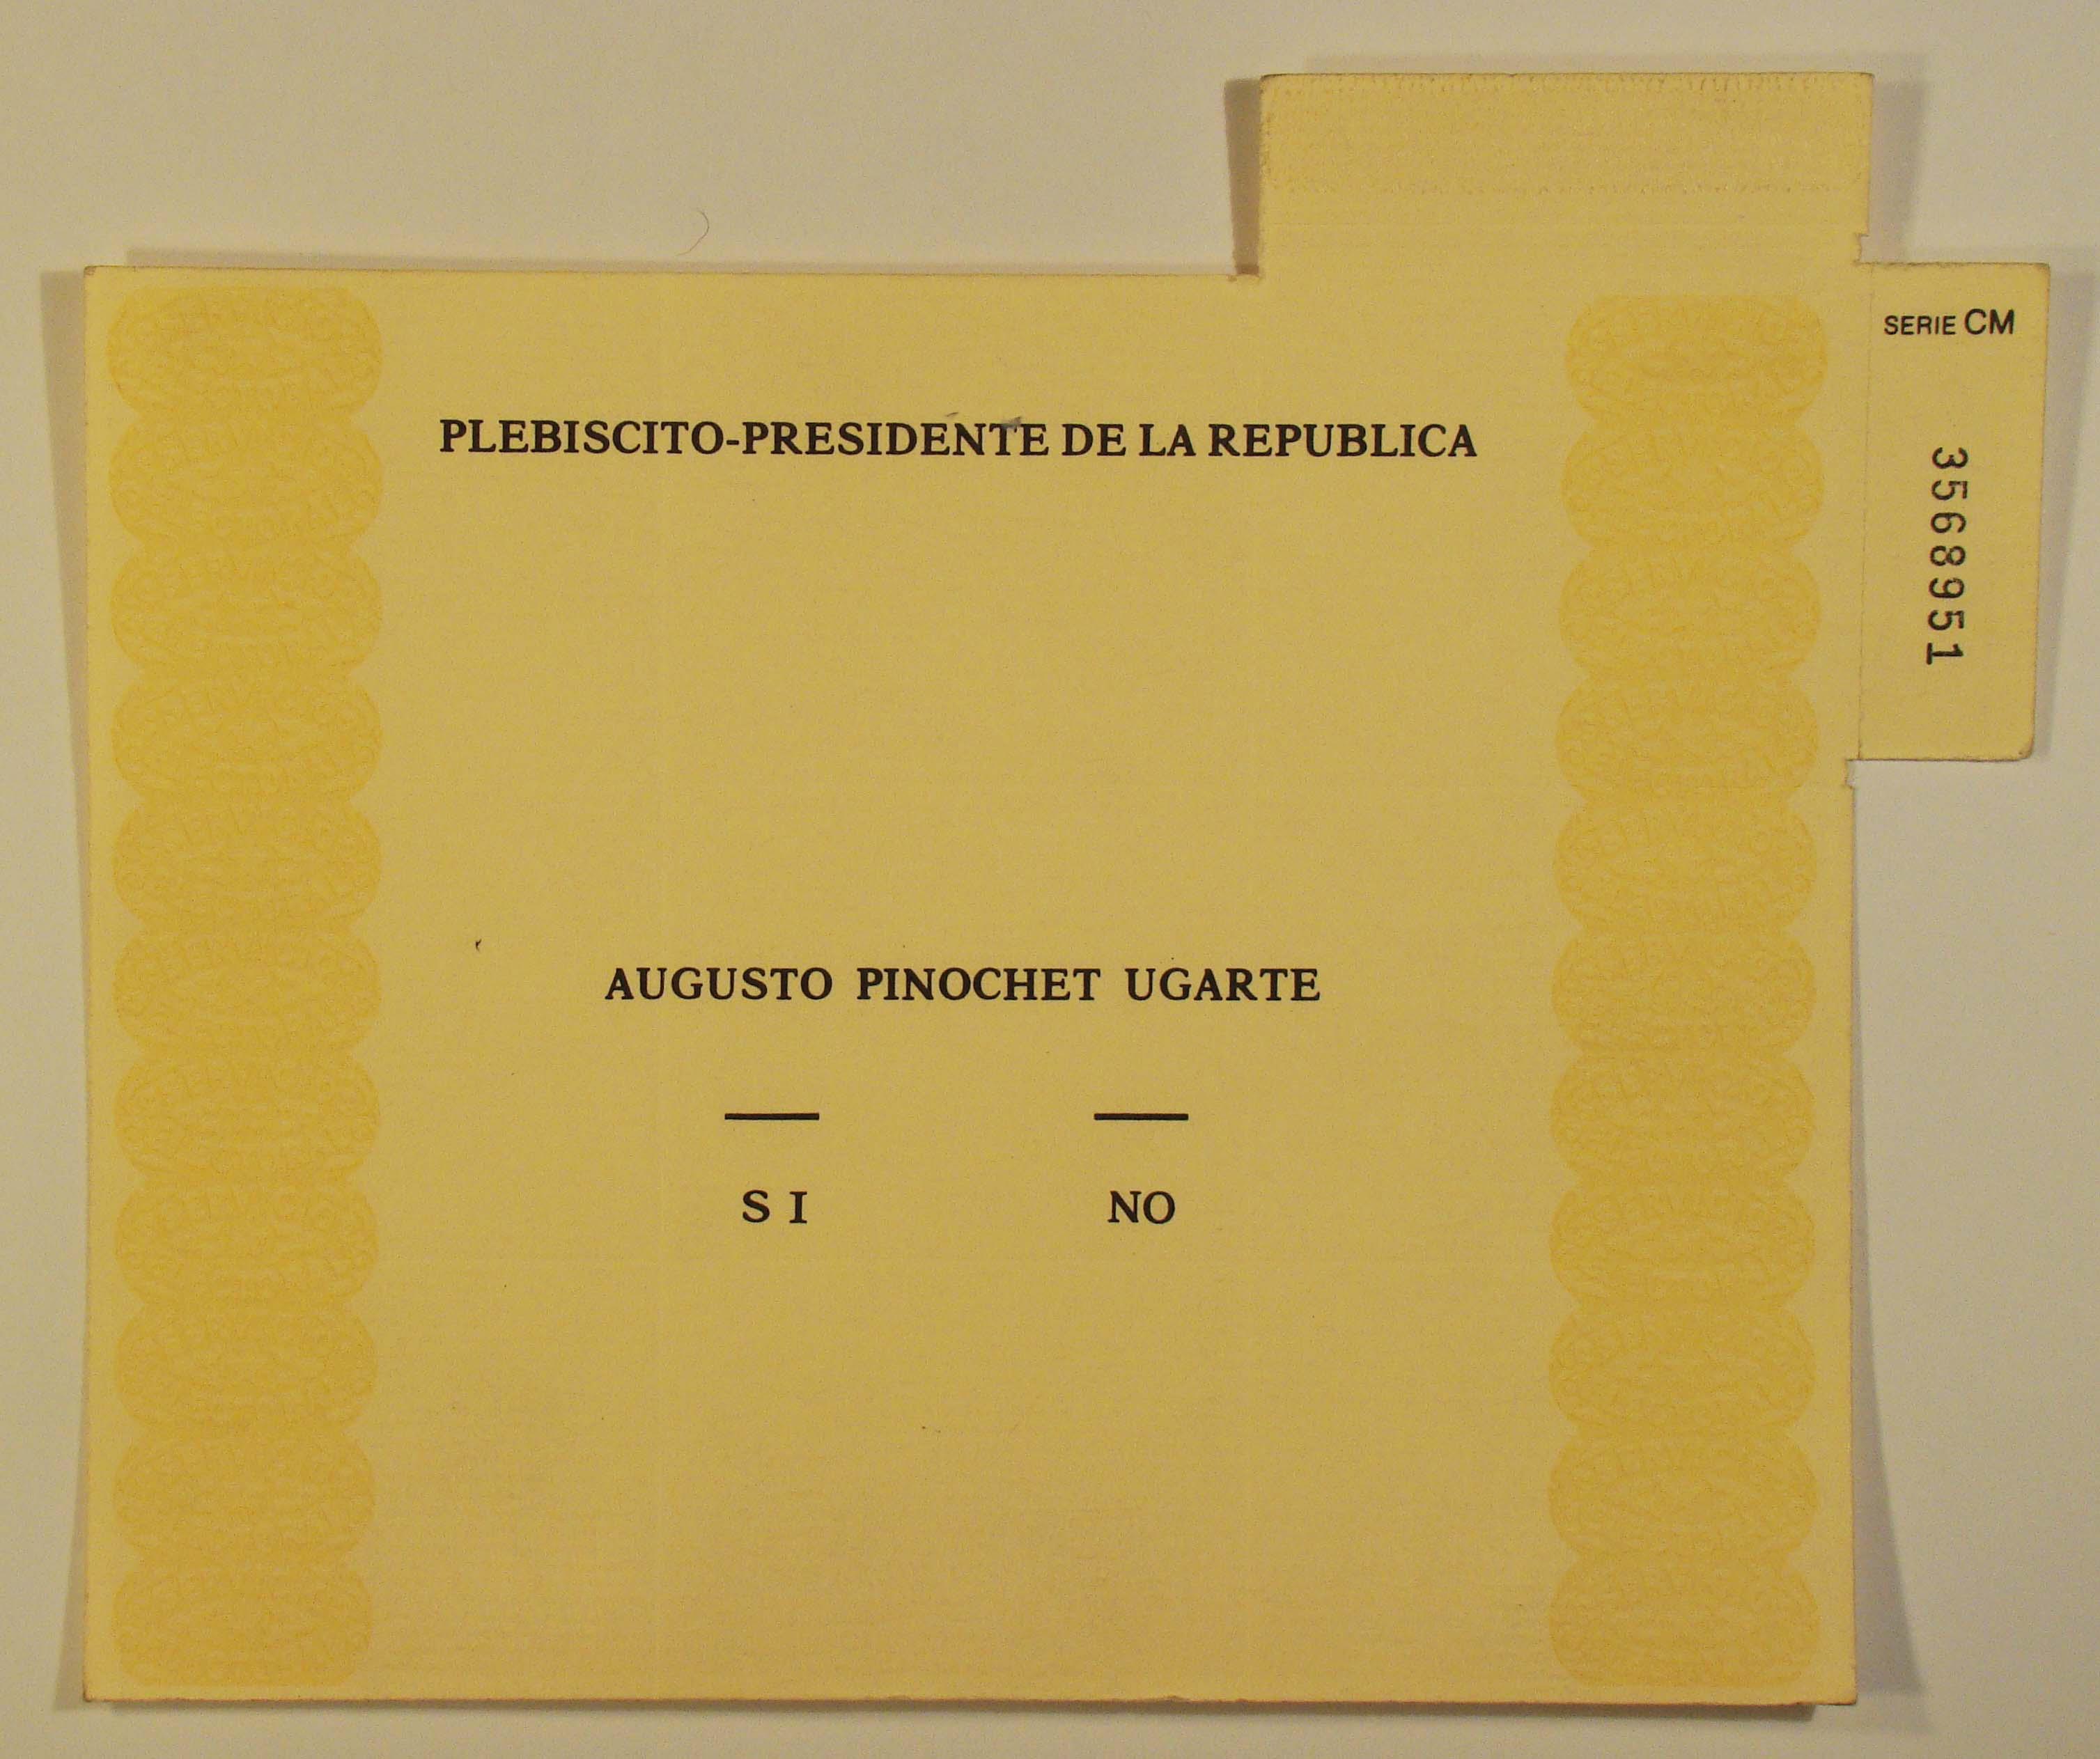 Image result for plebiscito 1988 voto